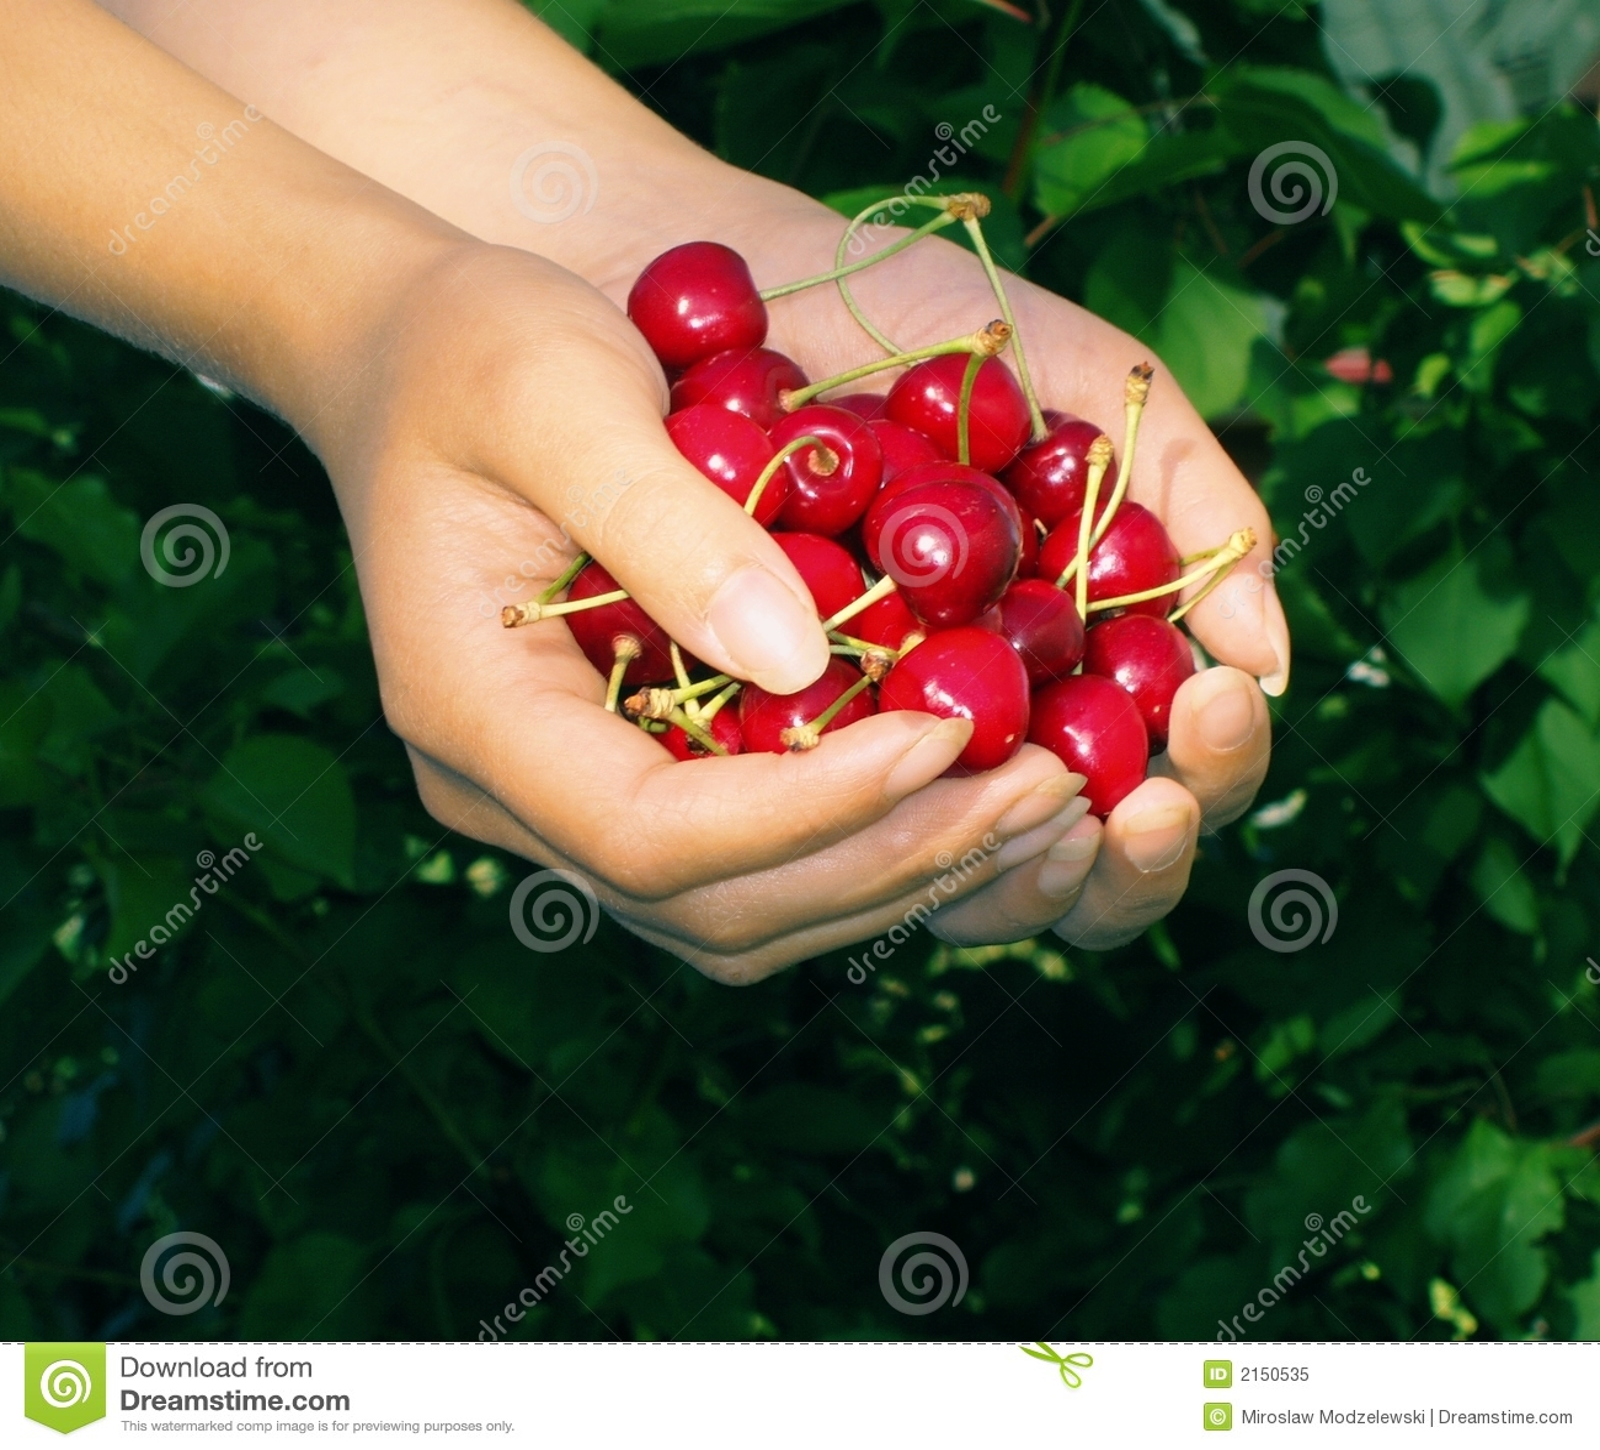 Sweet Cherry Fruit Royalty Free Stock Photo - Image: 2150535